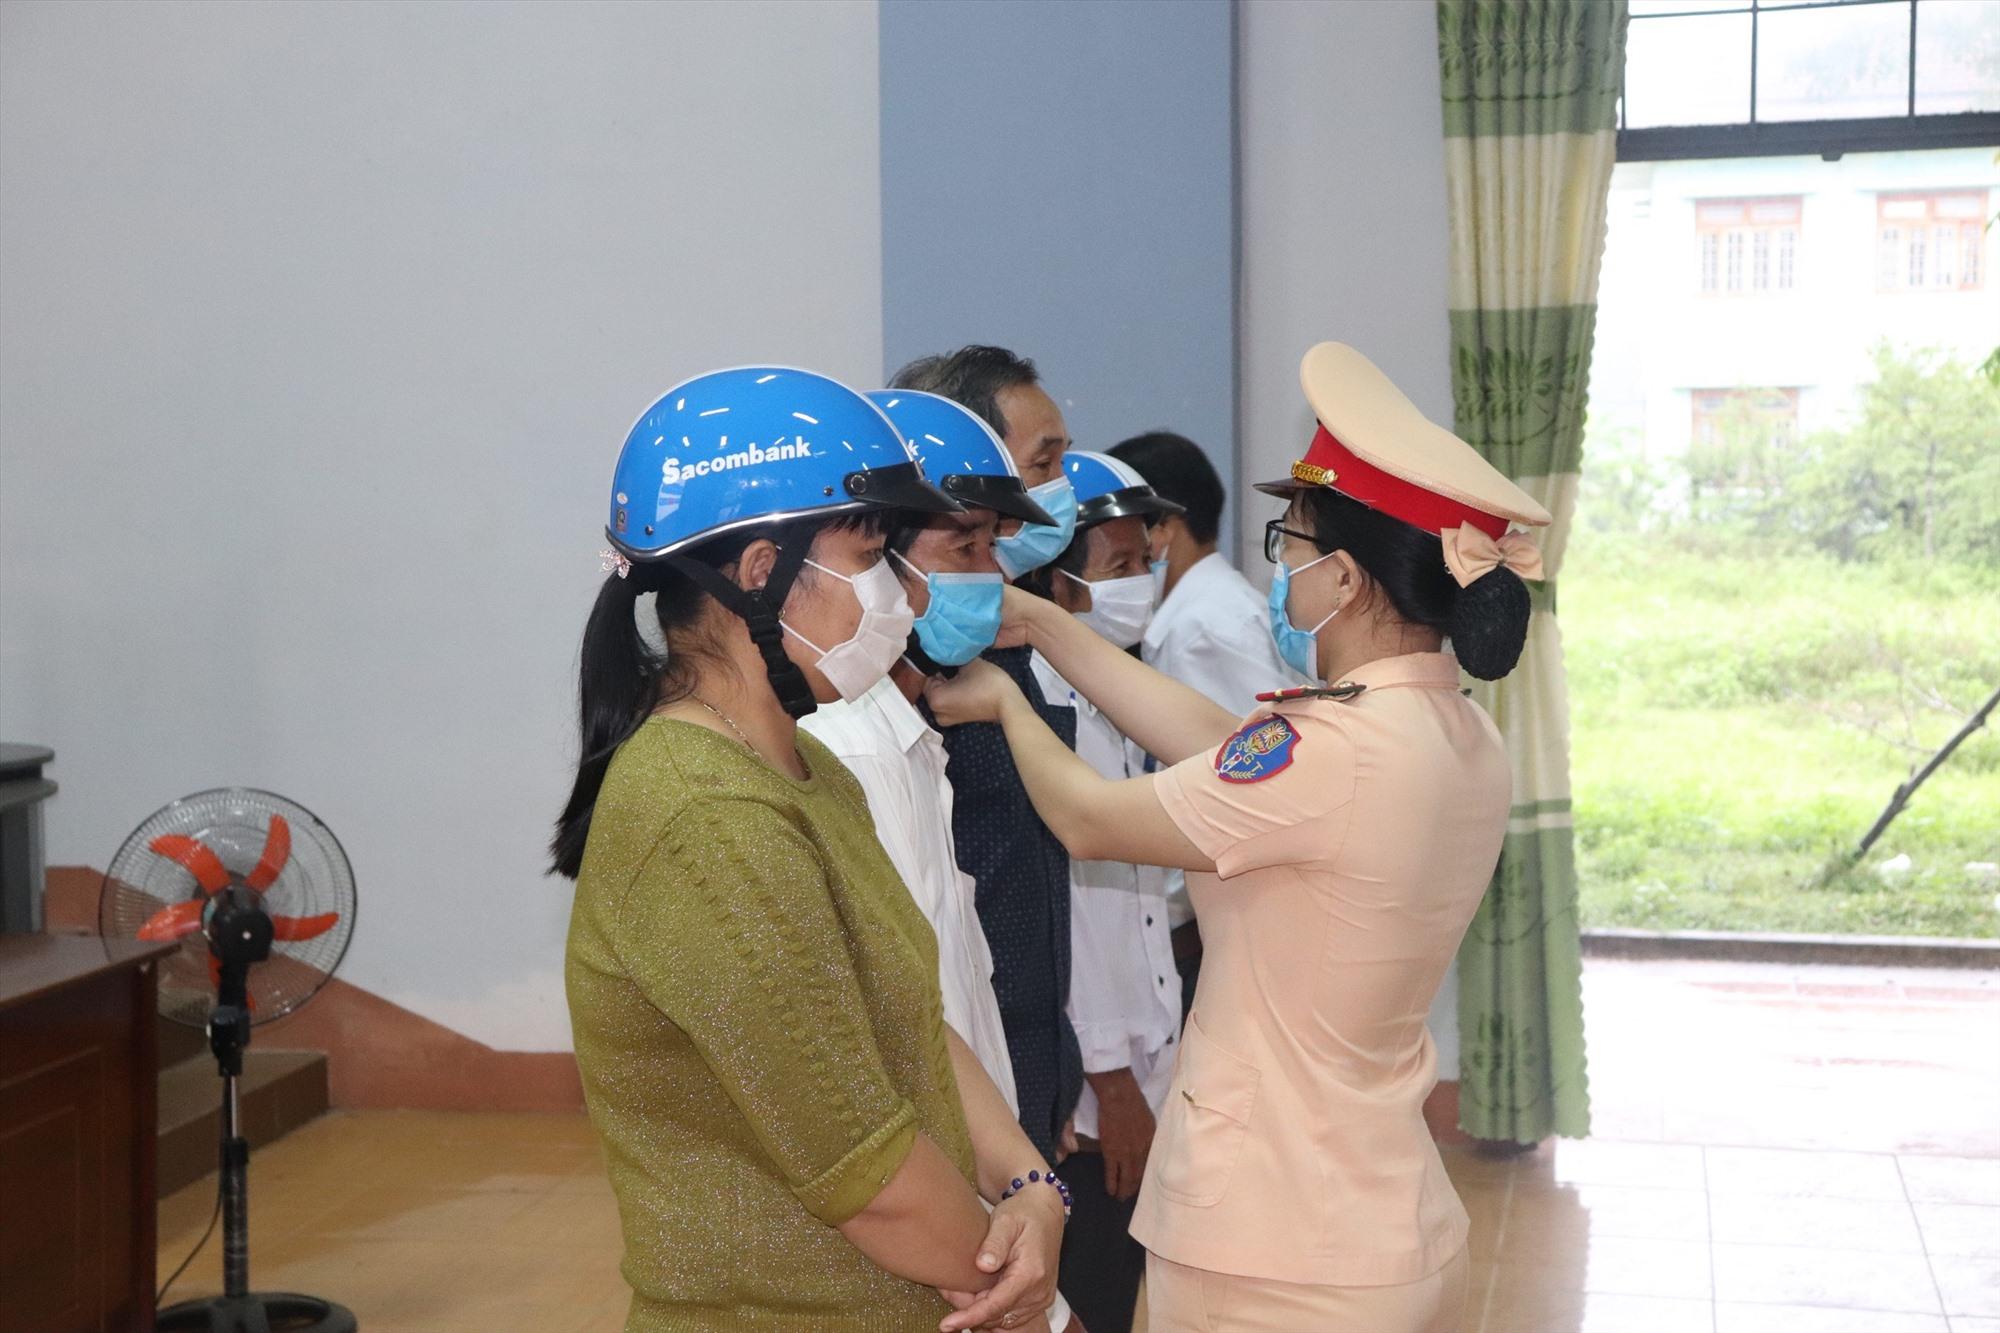 Tặng mũ bảo hiểm đạt chuẩn cho các hội viên. Ảnh: T.C